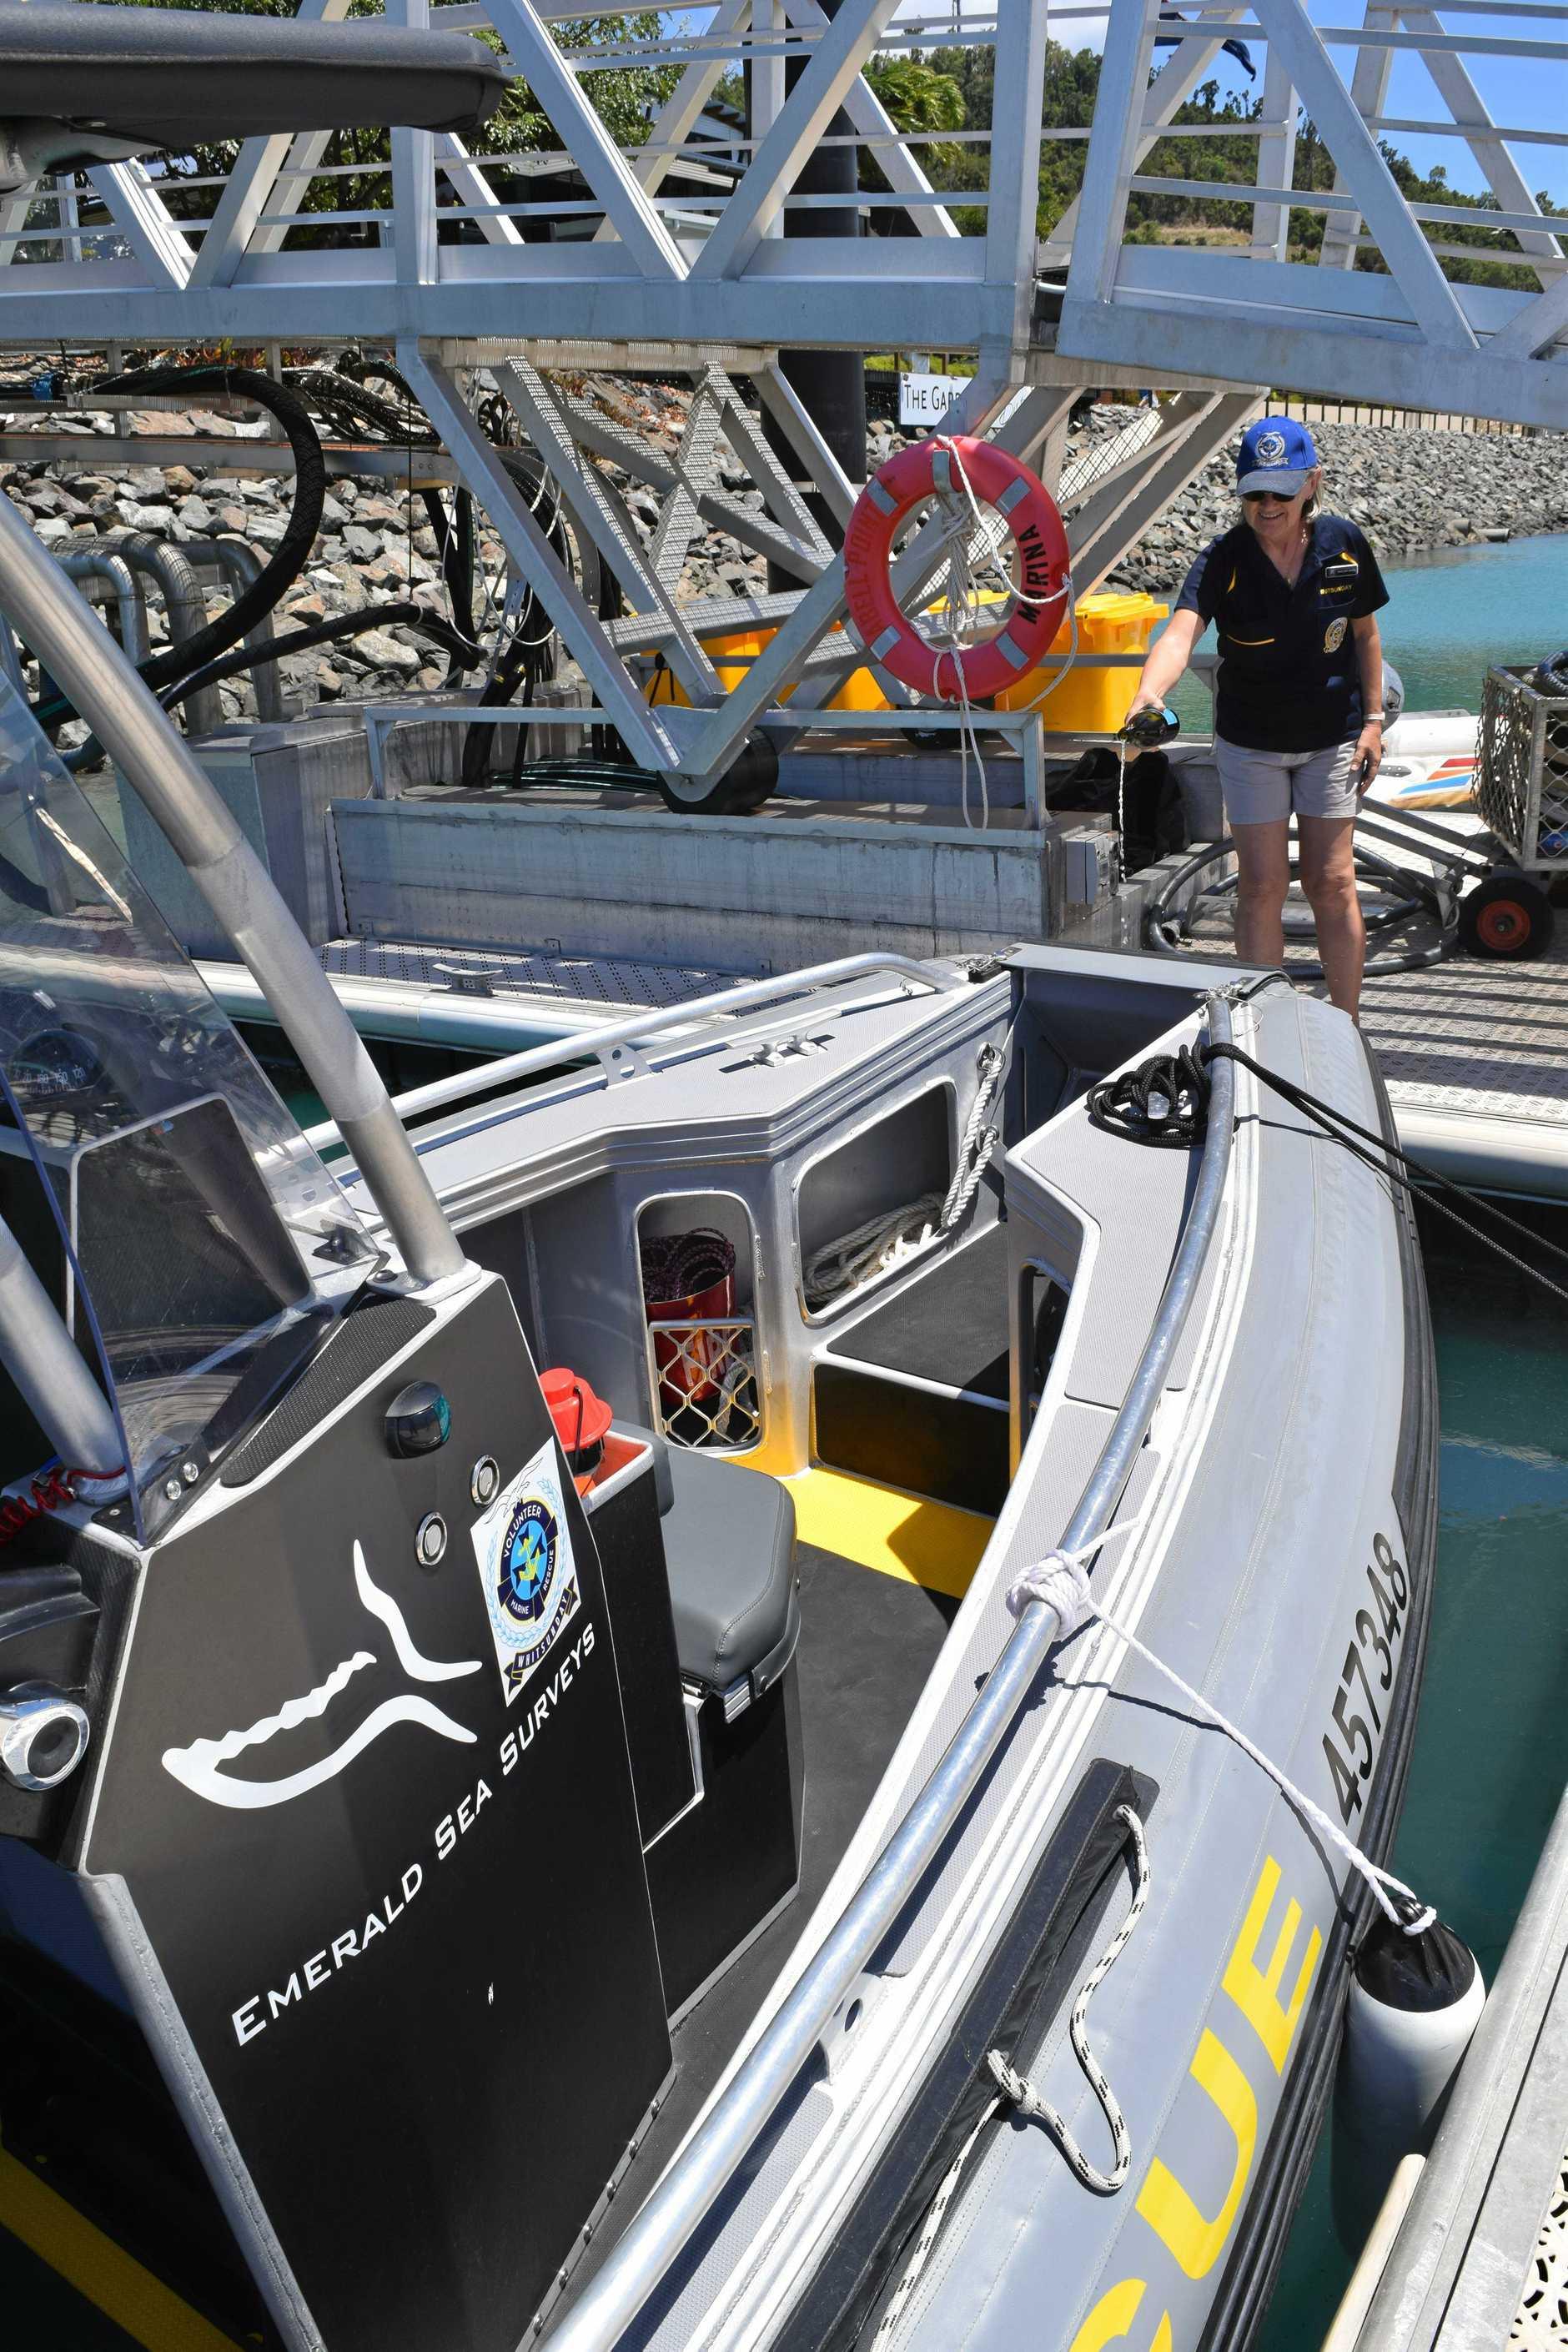 VMR Whitsunday committee member Marlene Manto christens the new VMR Whitsunday second boat.